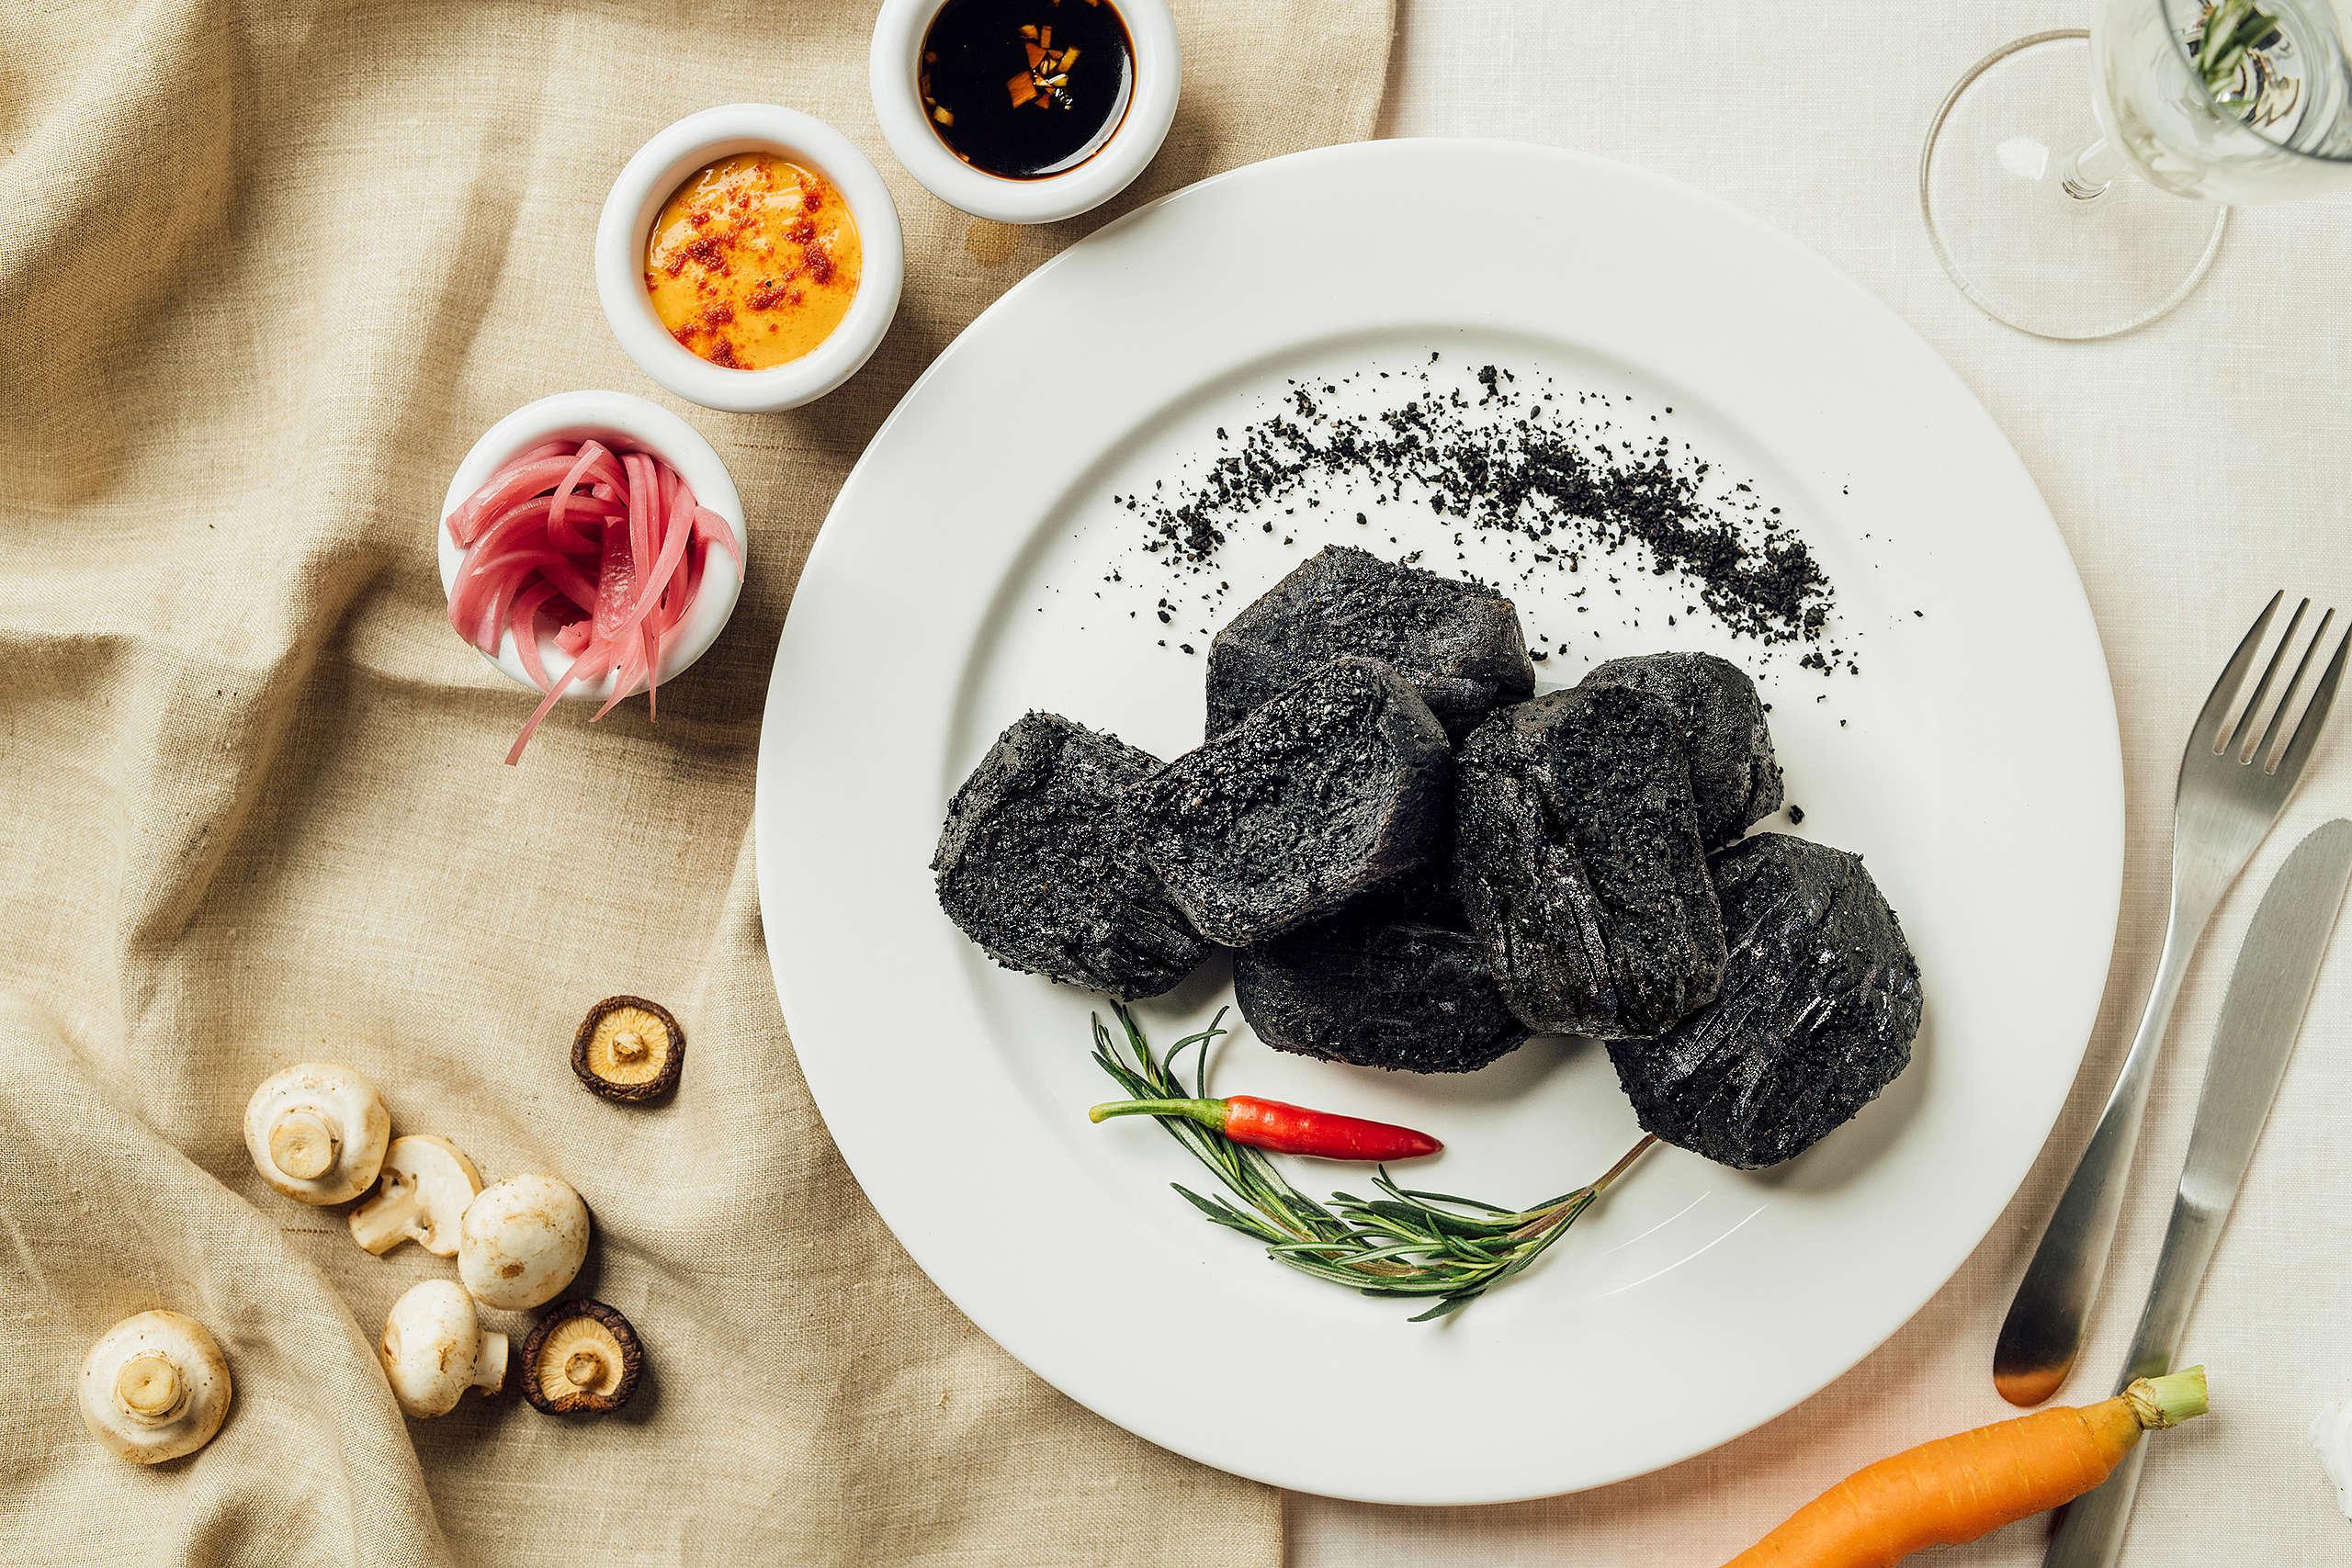 2021年綠色和平在臺灣展開倡議,以「出一張嘴,用吃改變世界」為號召,向大眾推廣透過少肉多蔬的飲食習慣,減緩氣候變遷。© Greenpeace